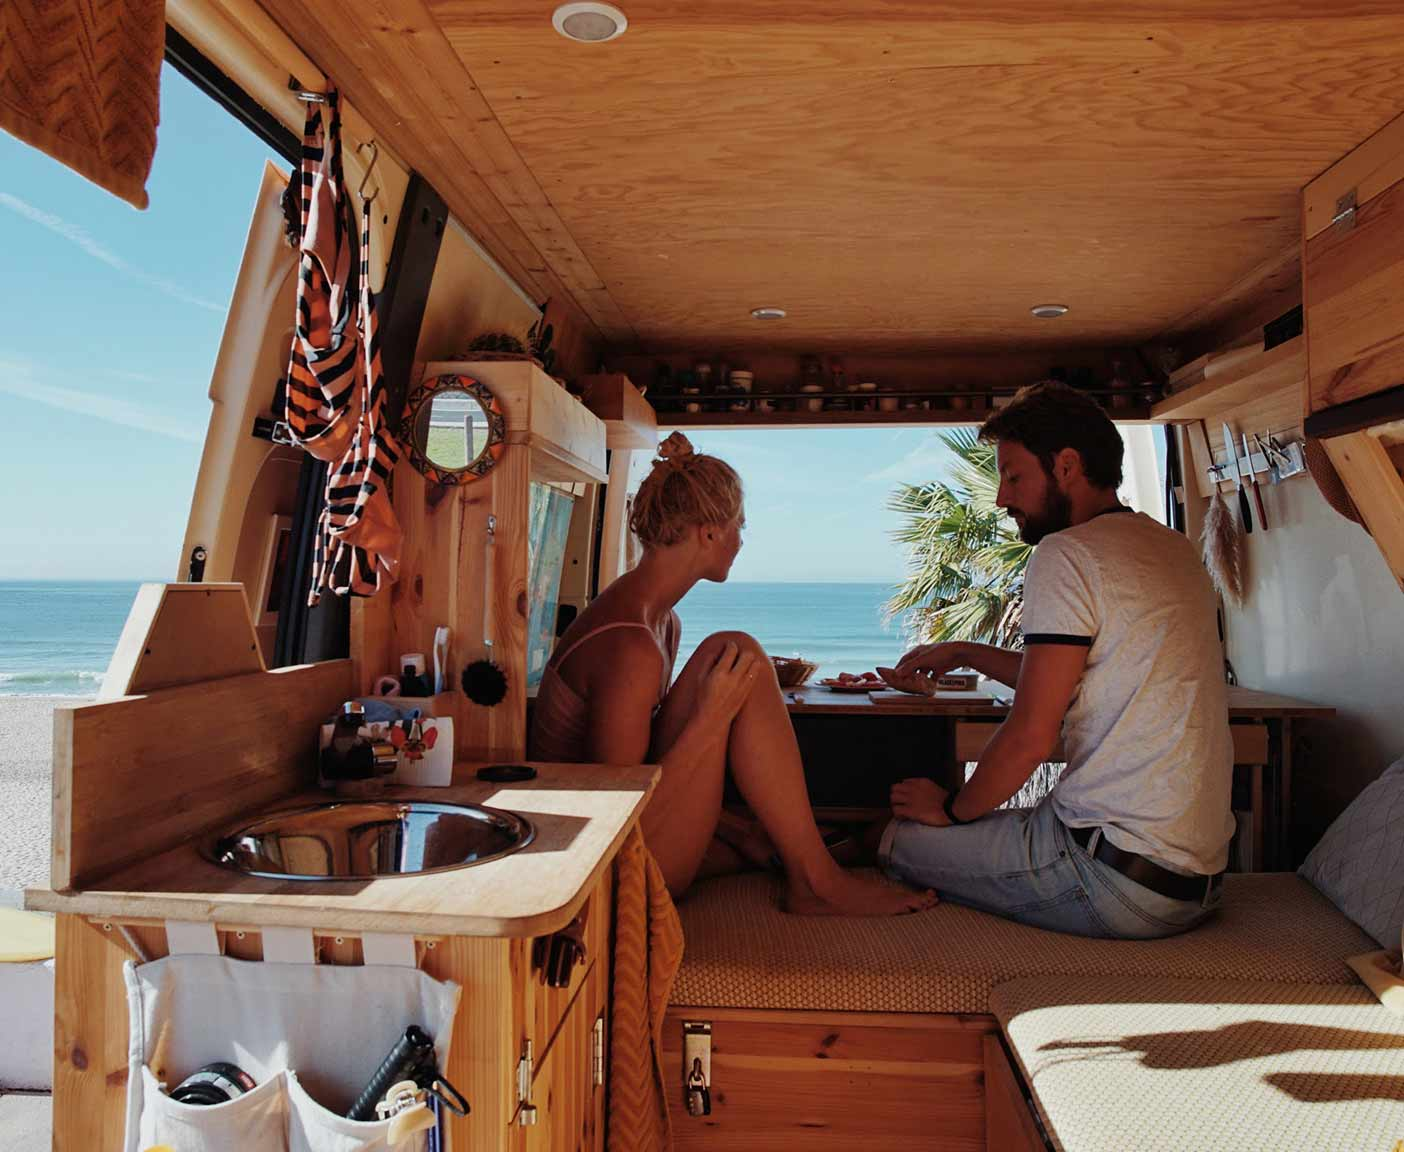 Ford-Transit-van-kaufen-wild-campen-maße-camper-nugget-ausblick-pärchen